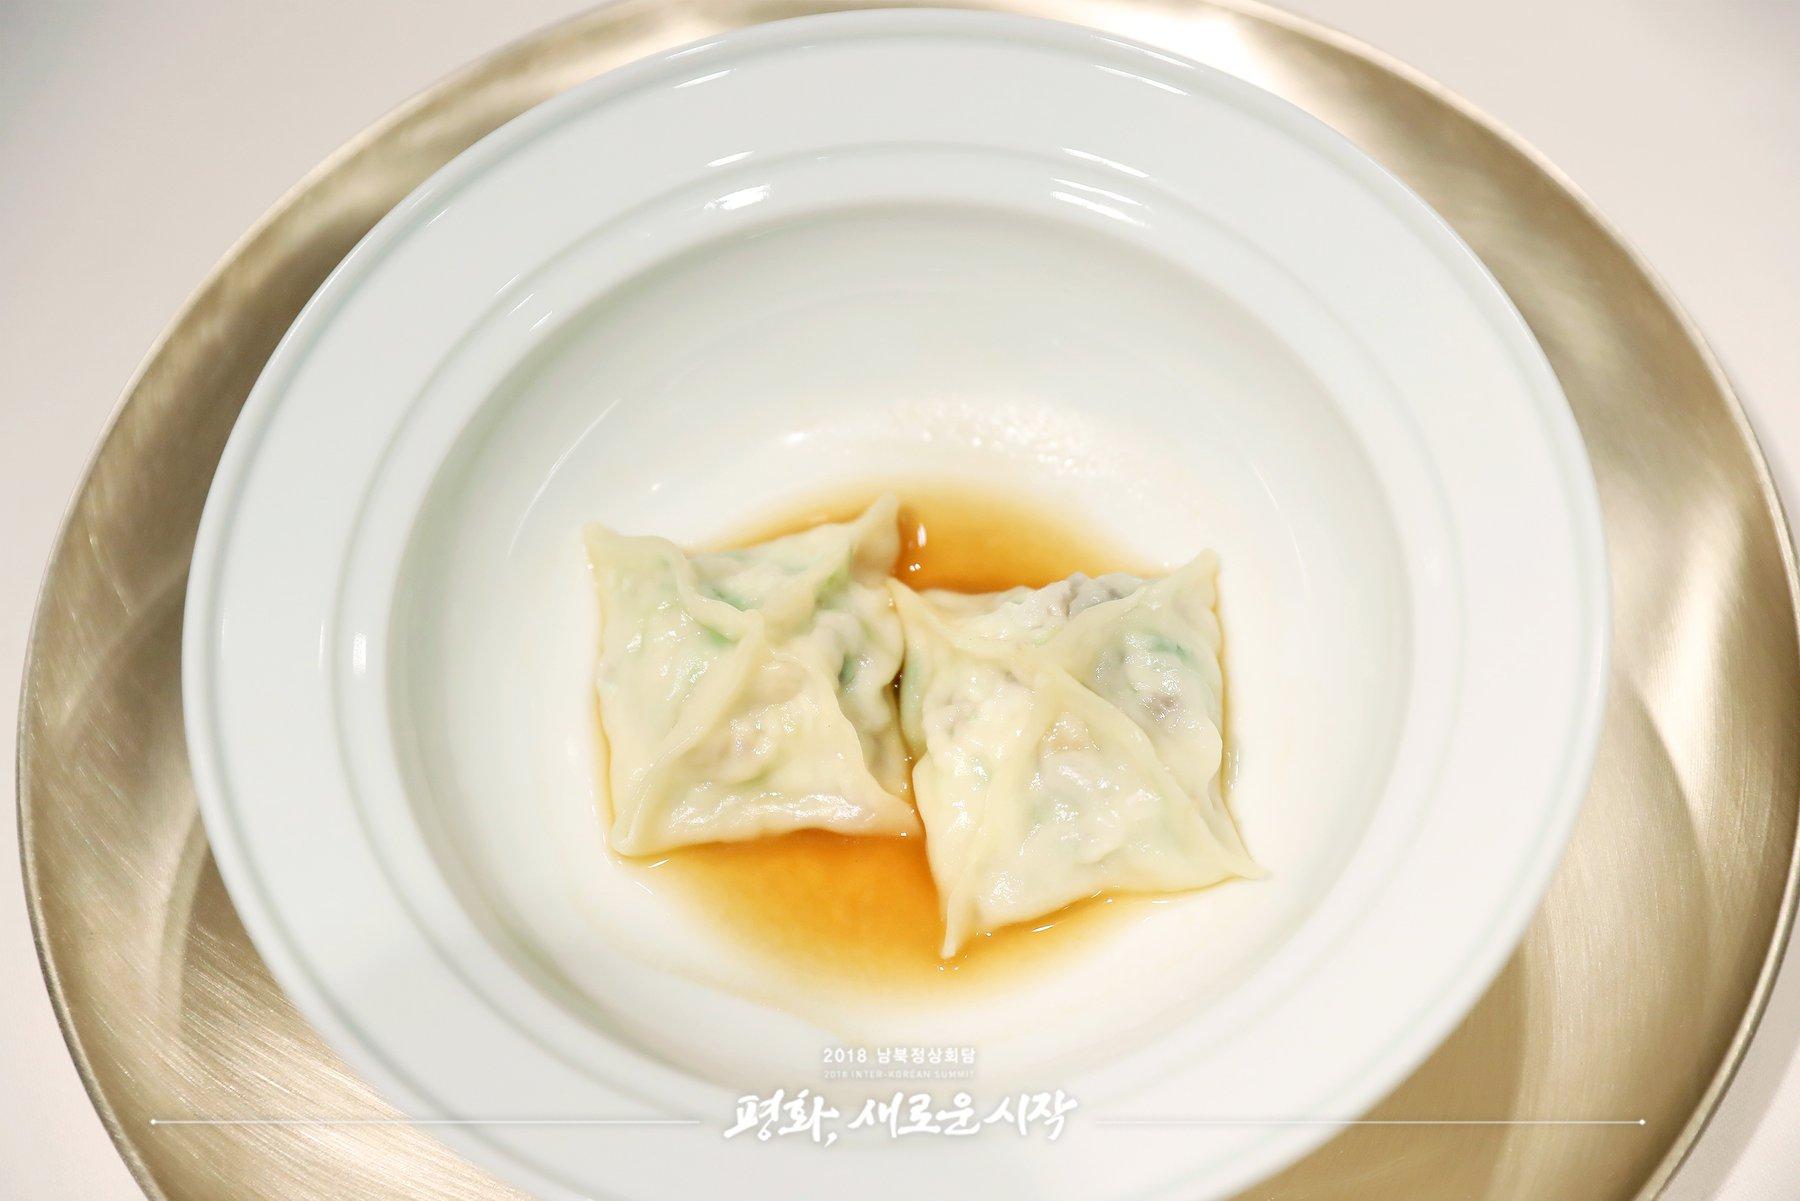 黃姑魚海參餡蒸餃